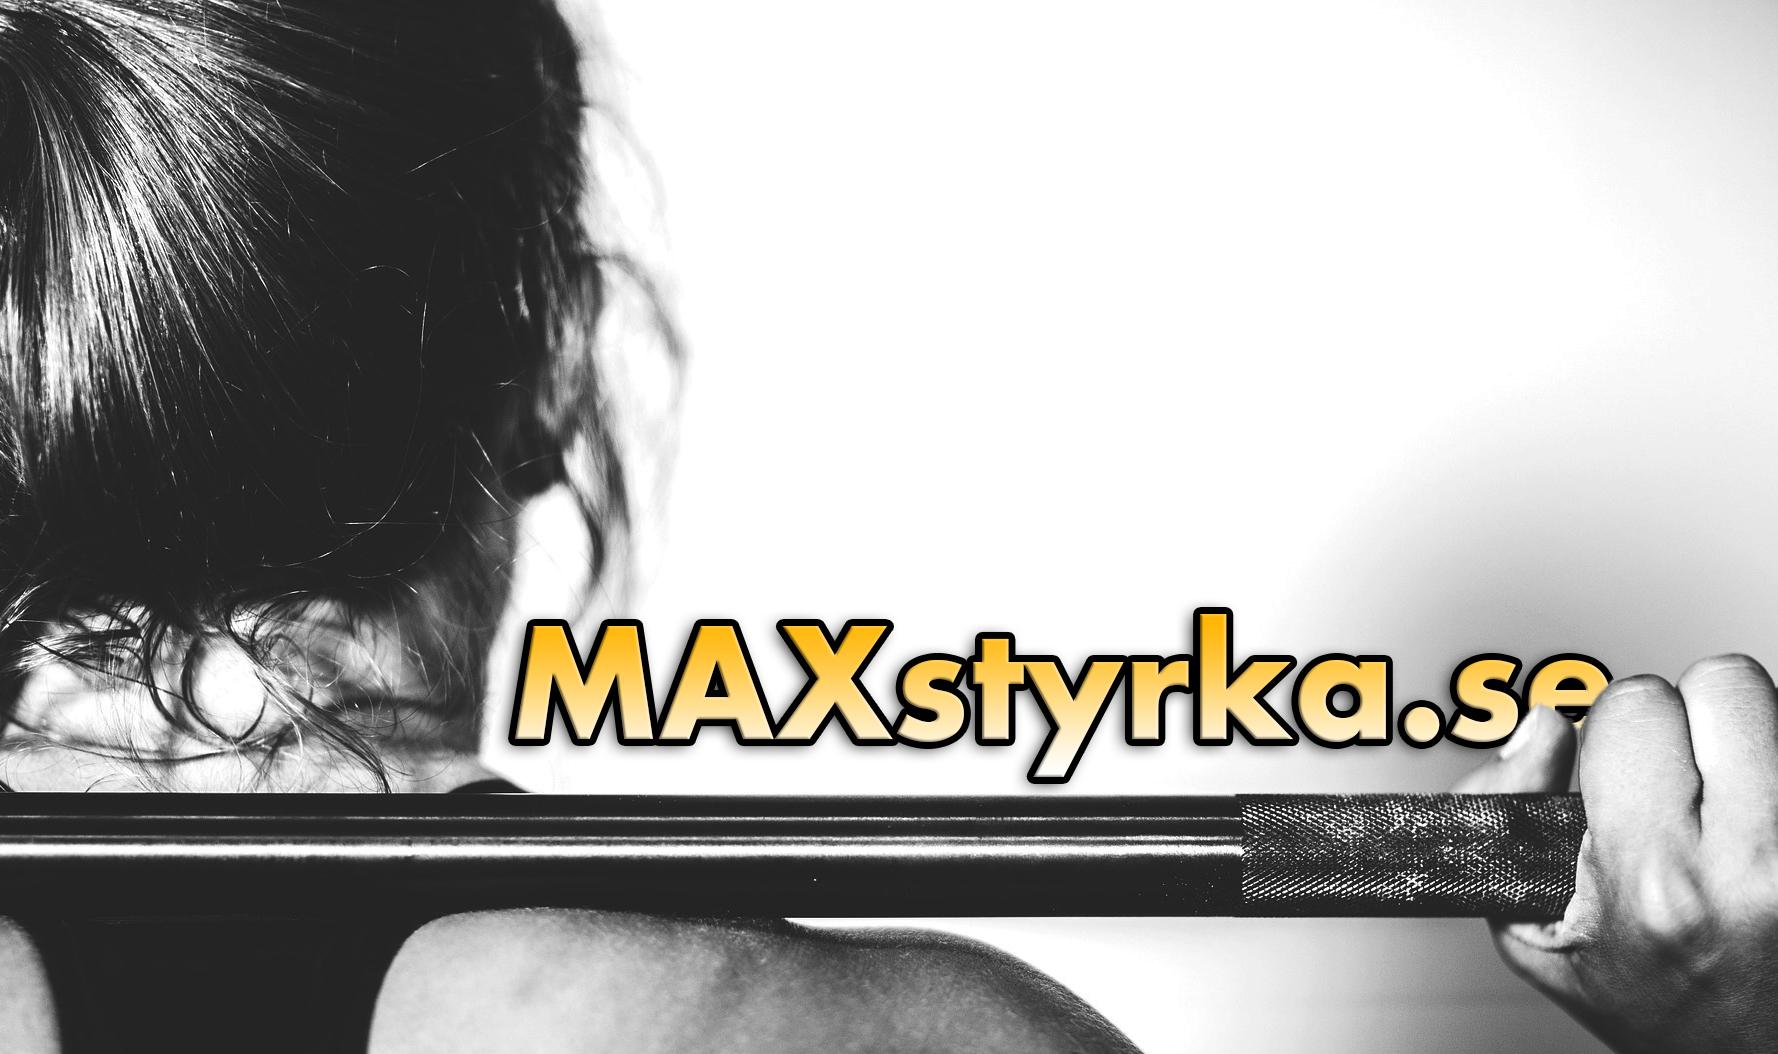 maxryggrubrik